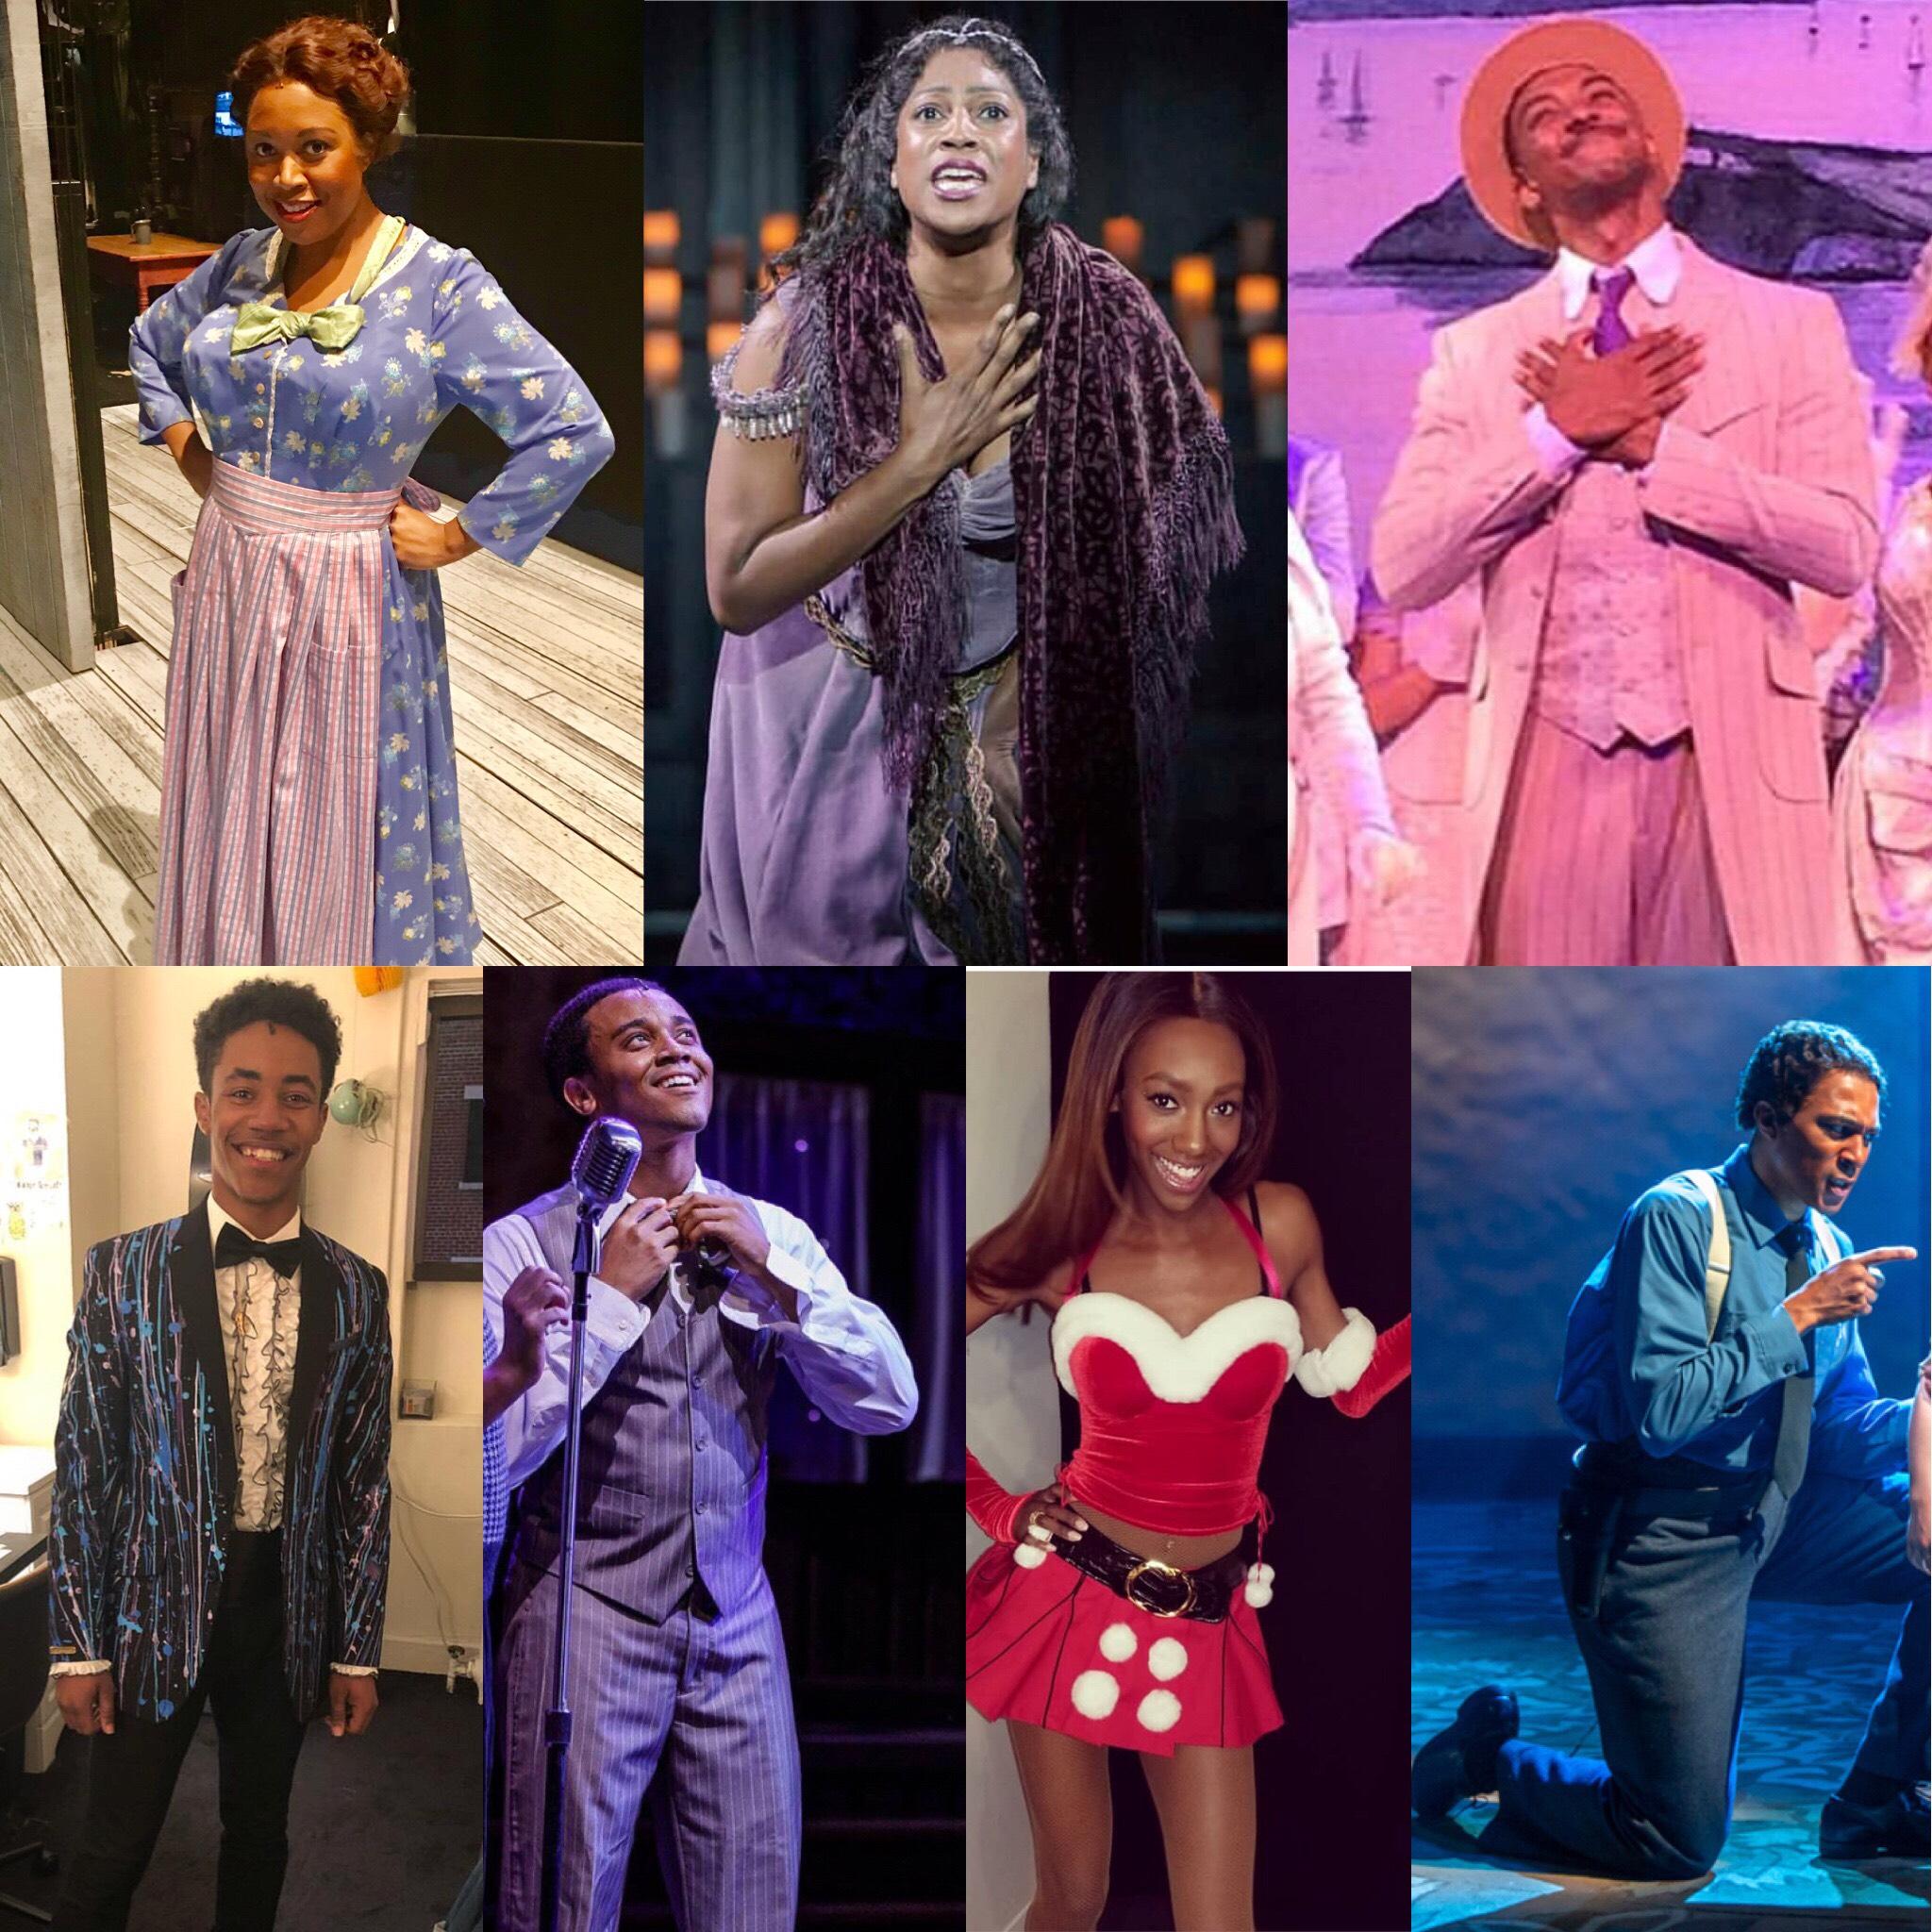 Nettie, Aldonza, Cornelius, Damian, Ted, Karen, Captain Walker